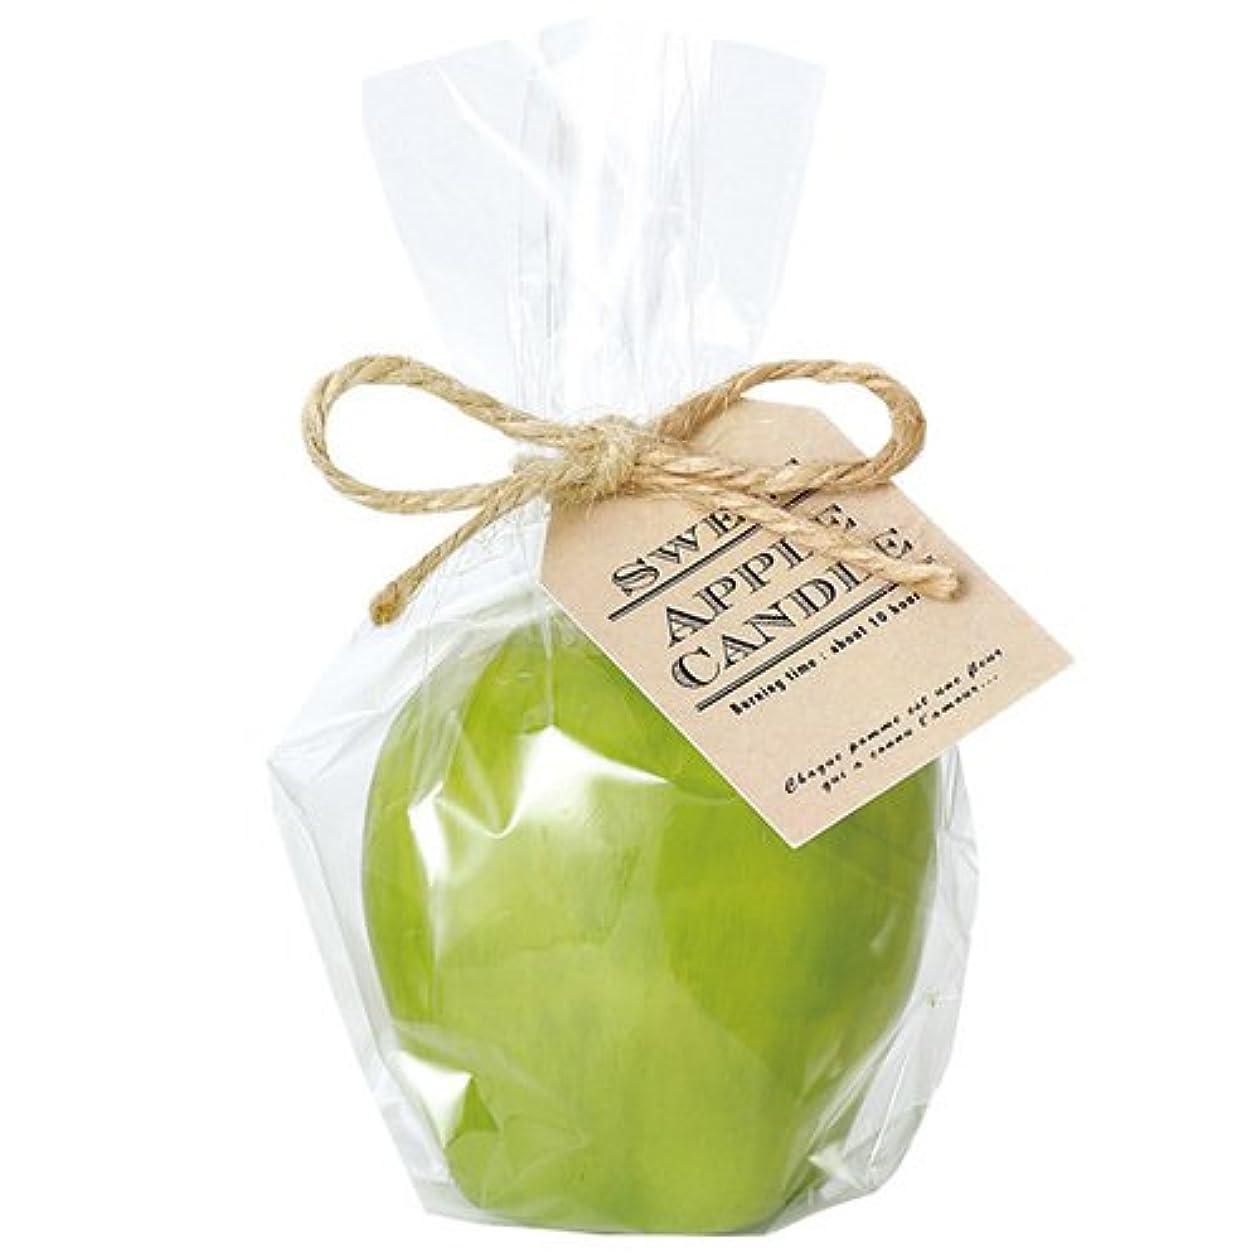 パイプ劣る手書きカメヤマキャンドルハウス スイートアップルキャンドル グリーン アップルの香りつき